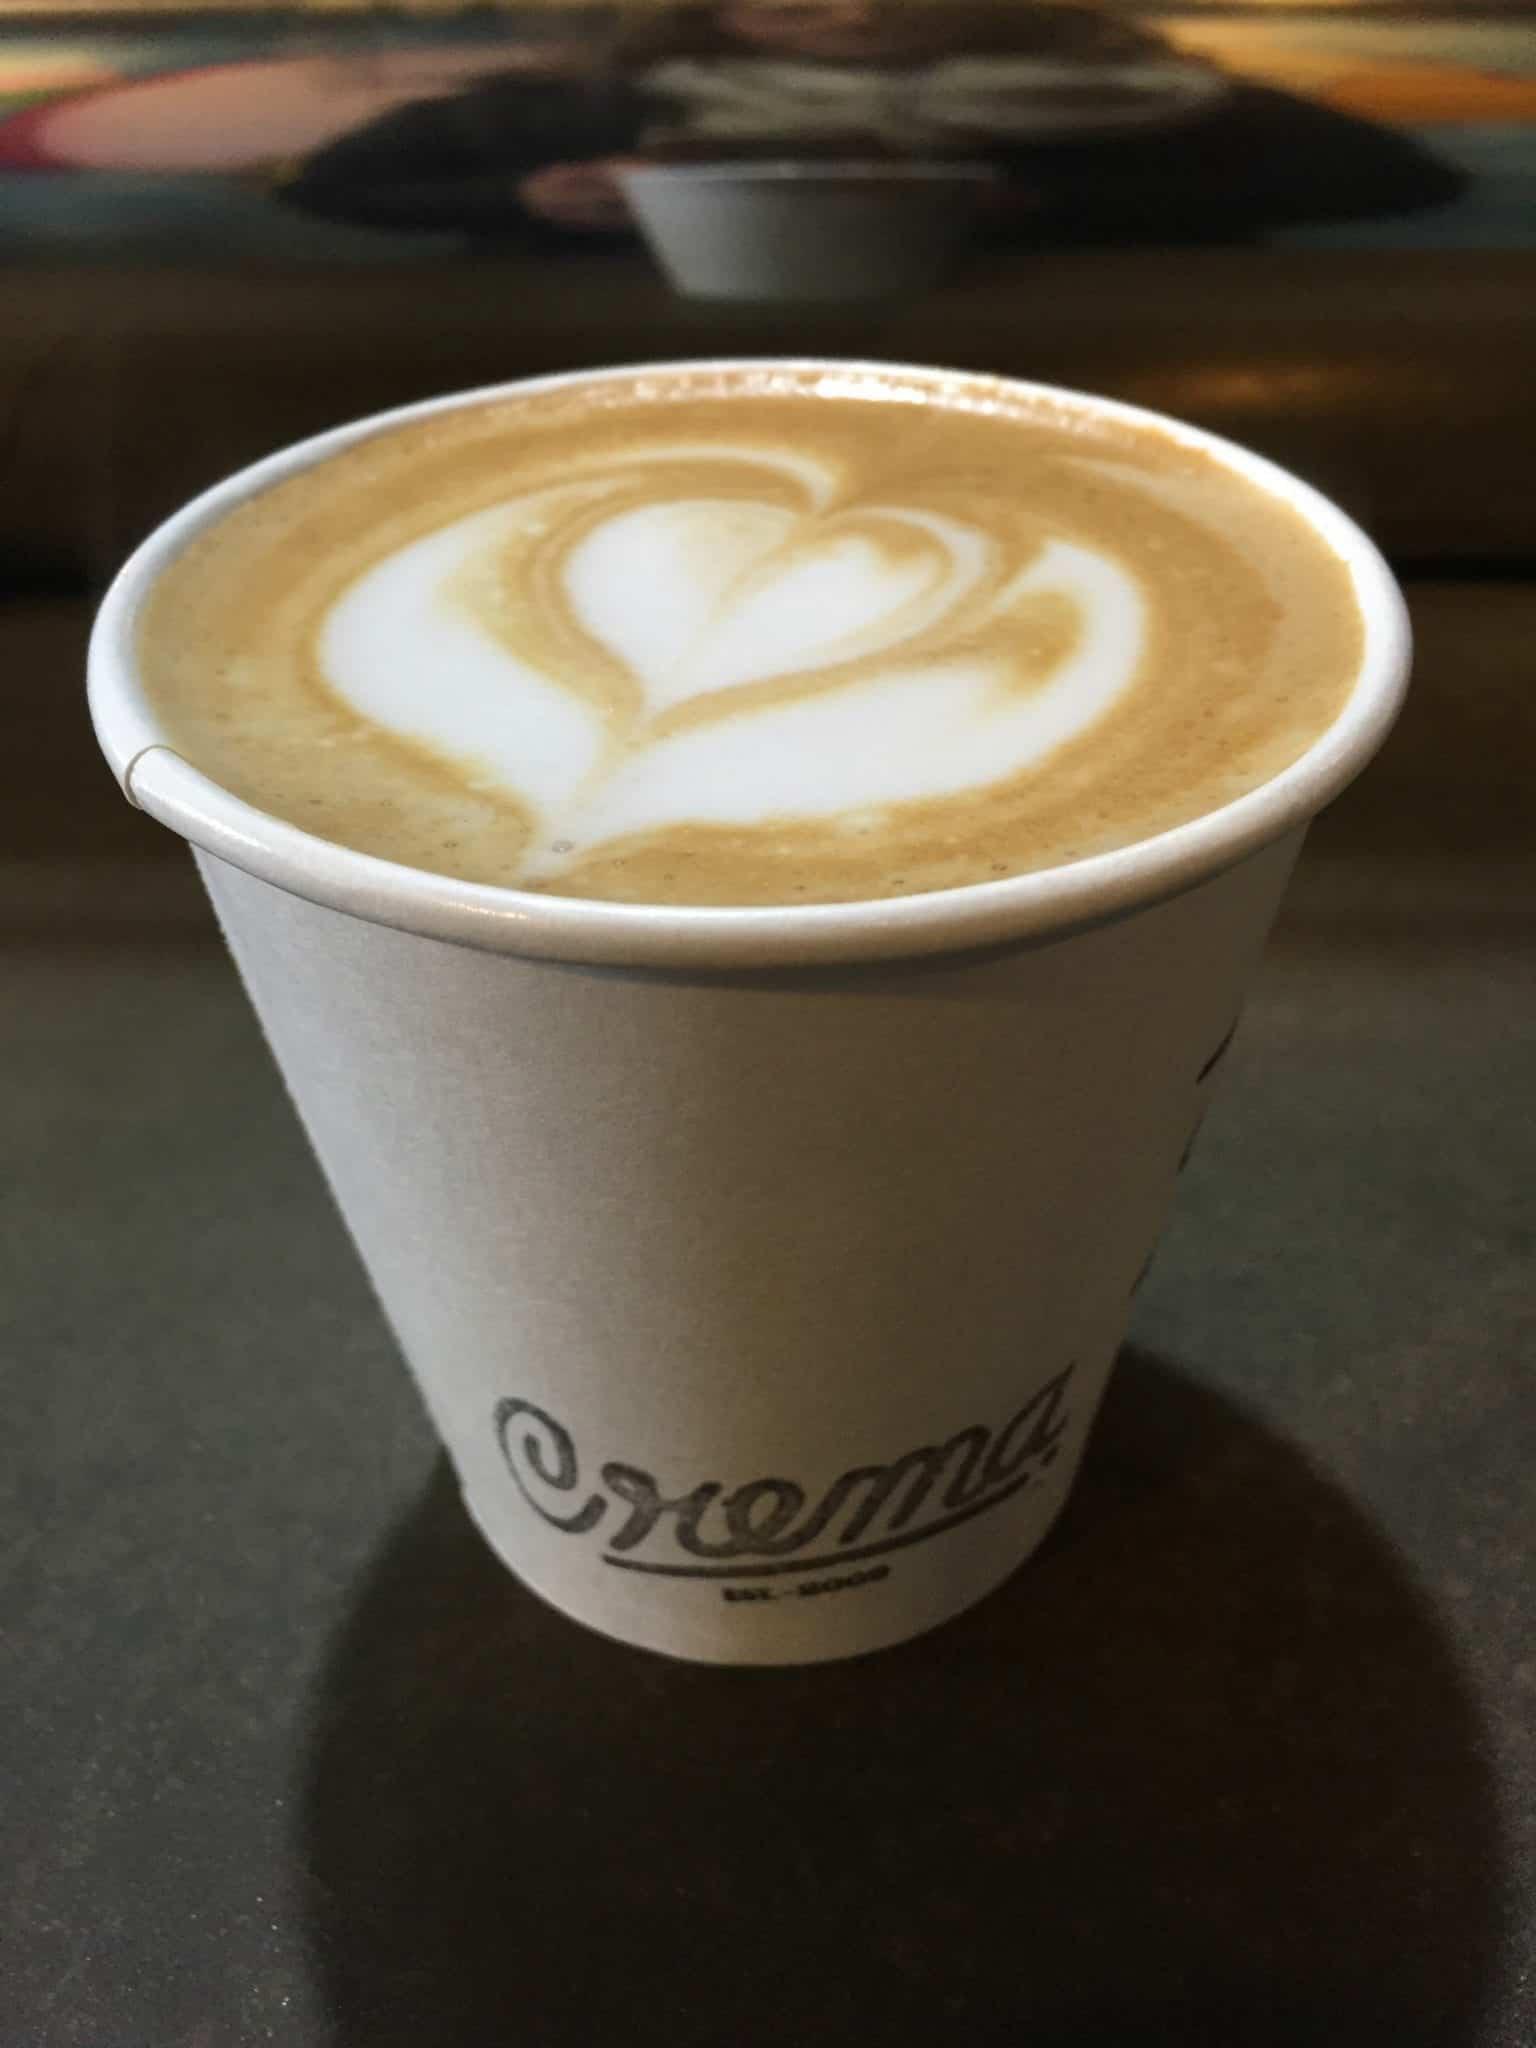 Crema Coffee Denver